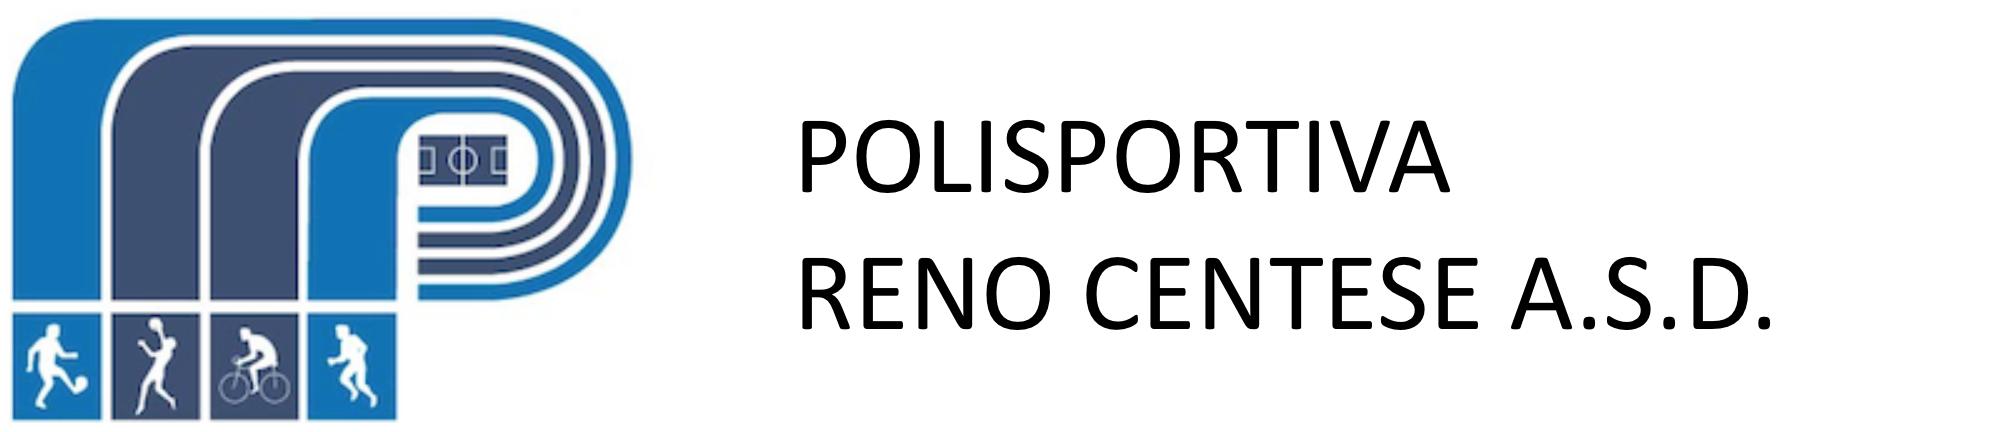 Polisportiva Reno Centese A.S.D.